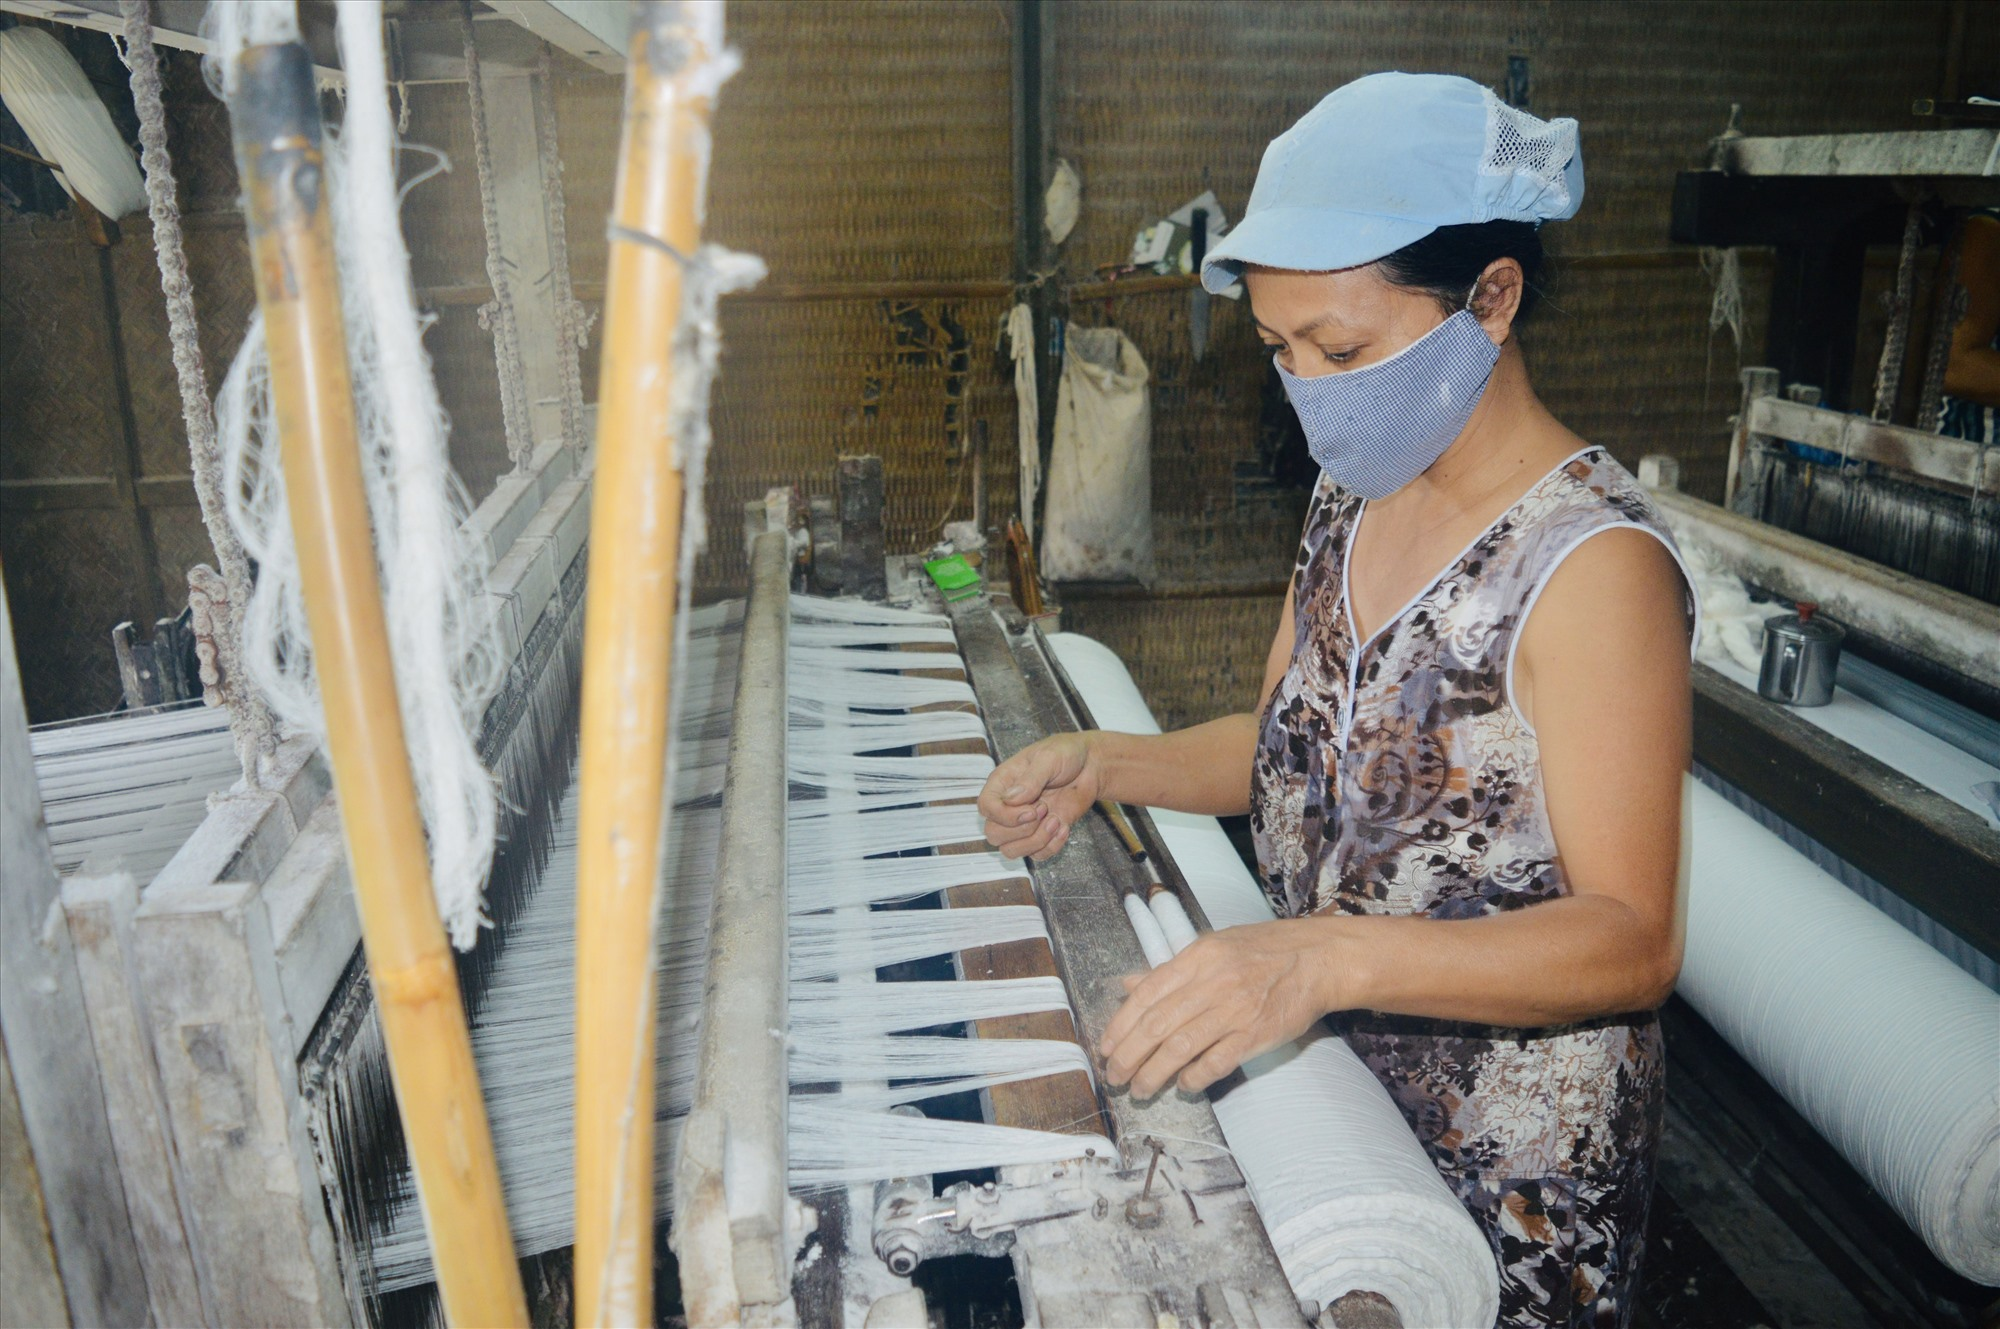 Theo các doanh nghiệp, đầu ra của tơ lụa không thiếu, nhưng sản phẩm tơ tằm của địa phương hiện chưa đủ chất lượng để hướng đến phân khúc thị trường chất lượng cao. Ảnh: S.T